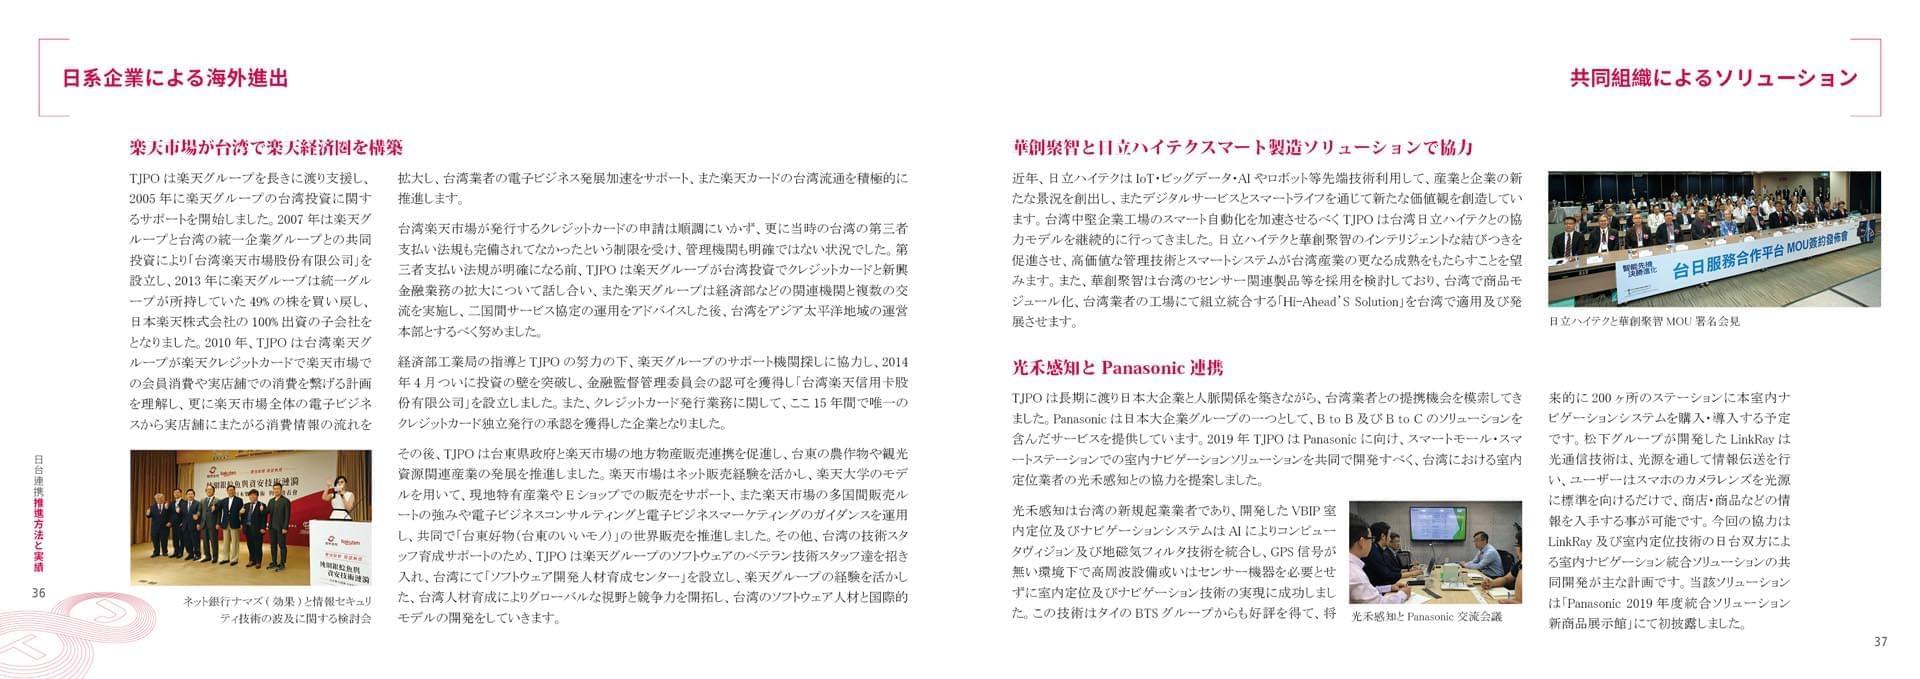 台日型錄-日文版60頁-第二次修改070221